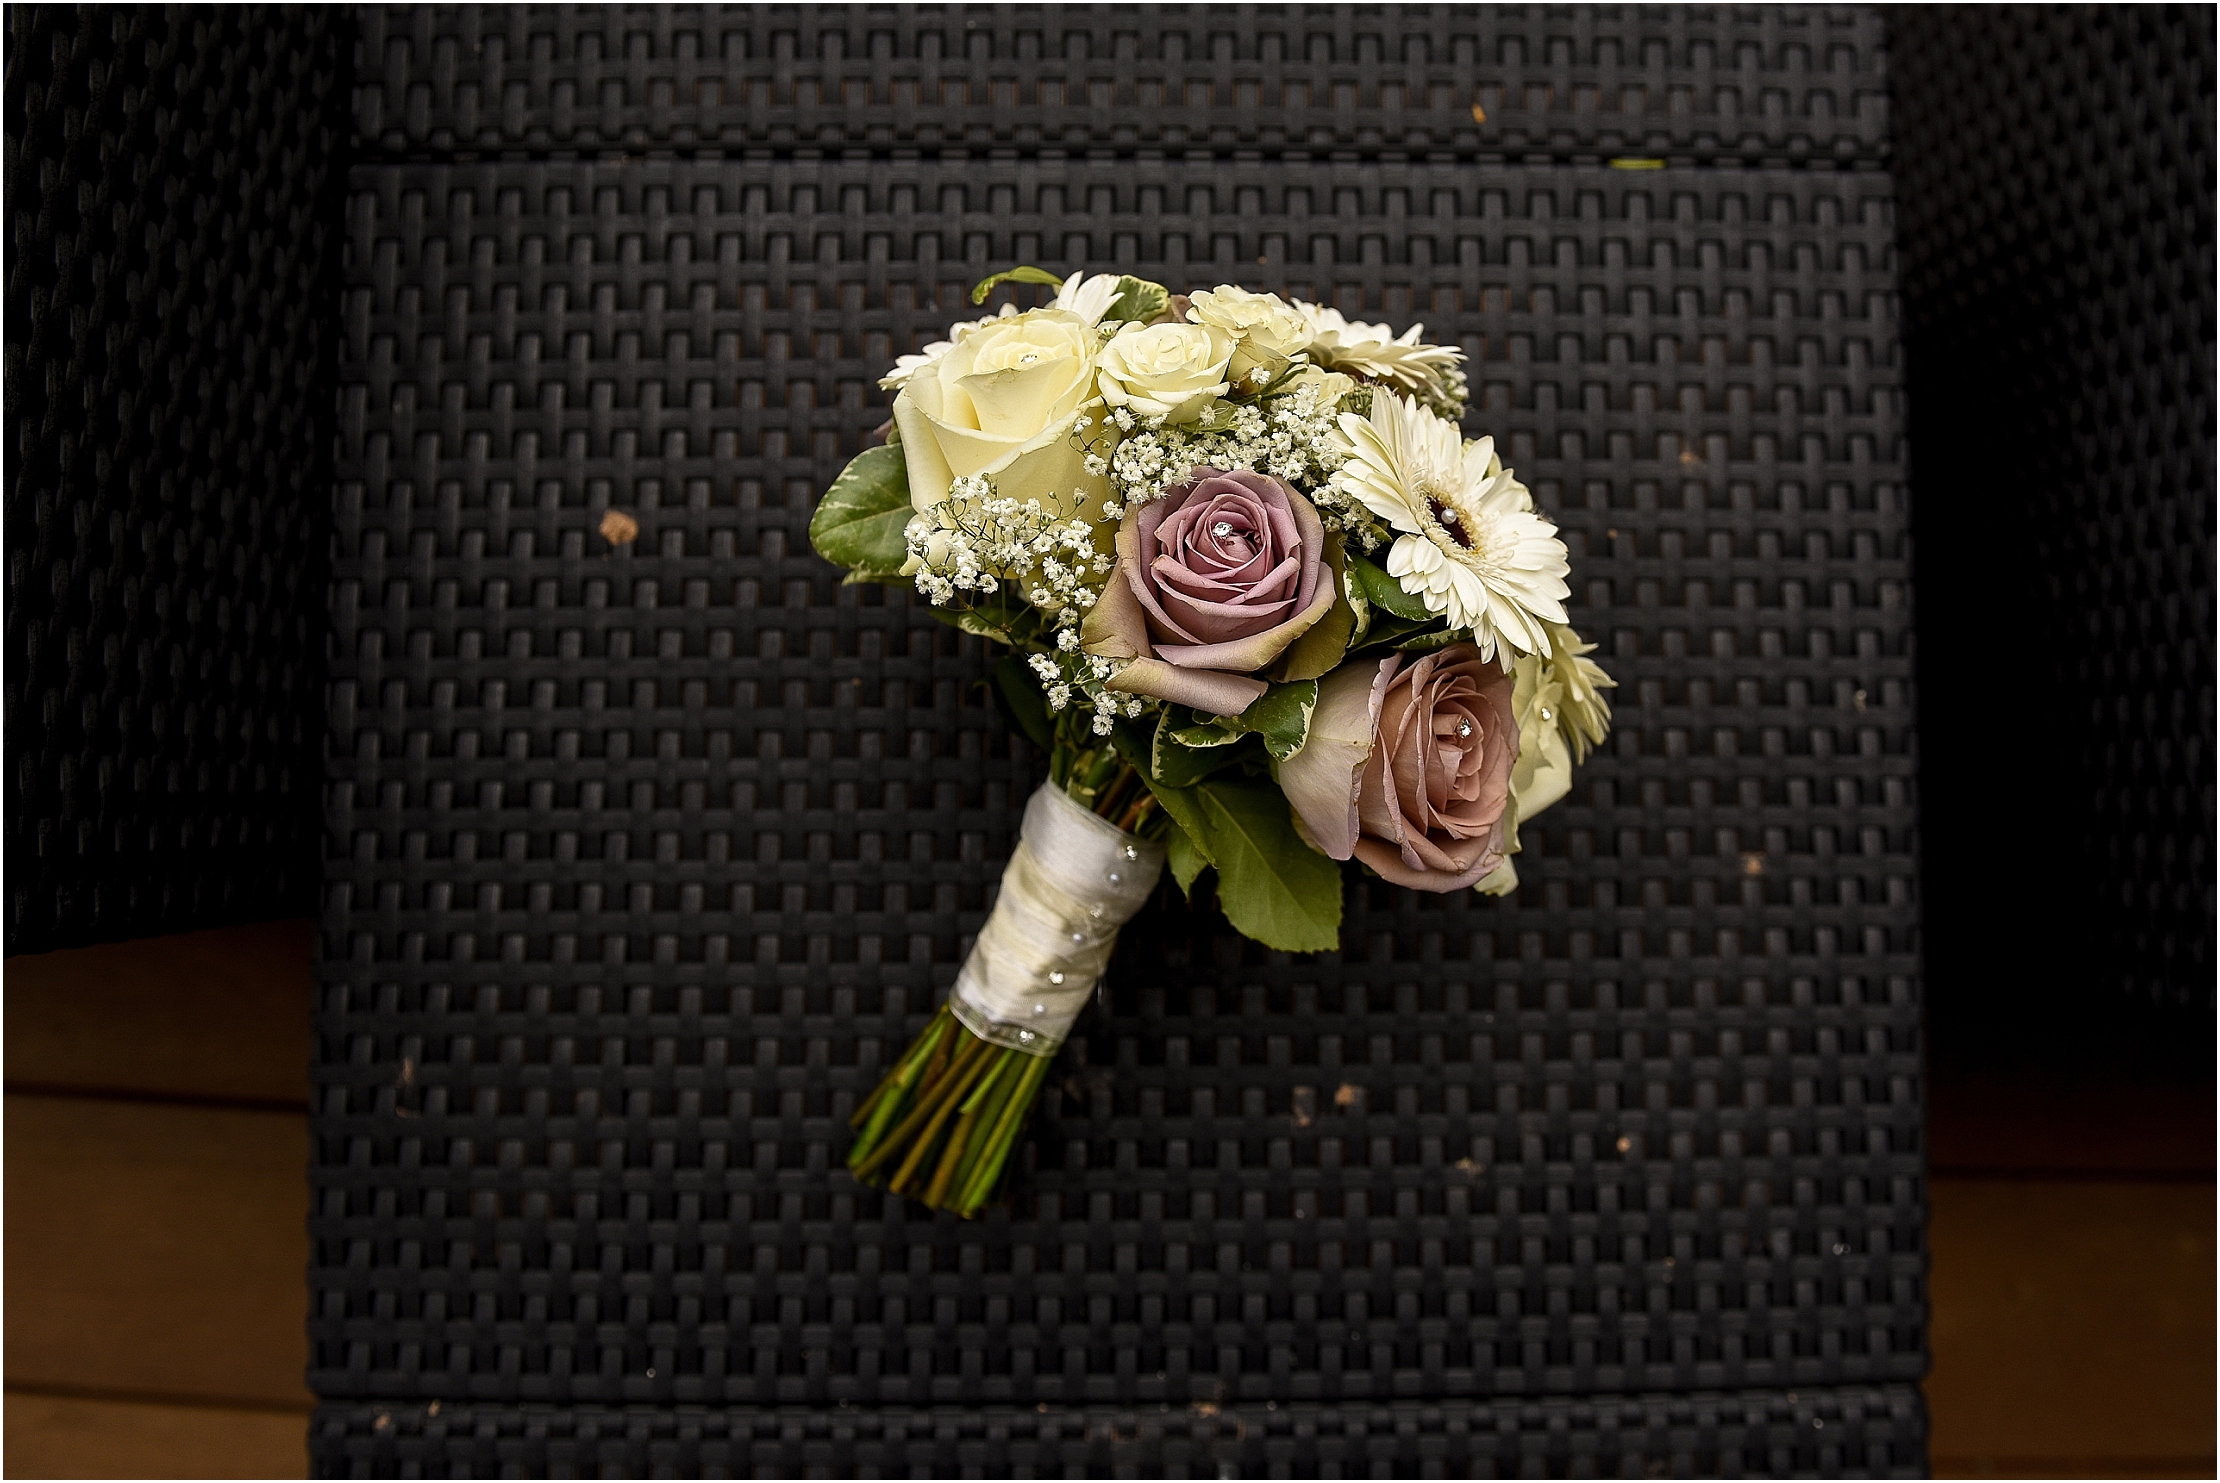 lodore-falls-hotel-wedding- 024.jpg